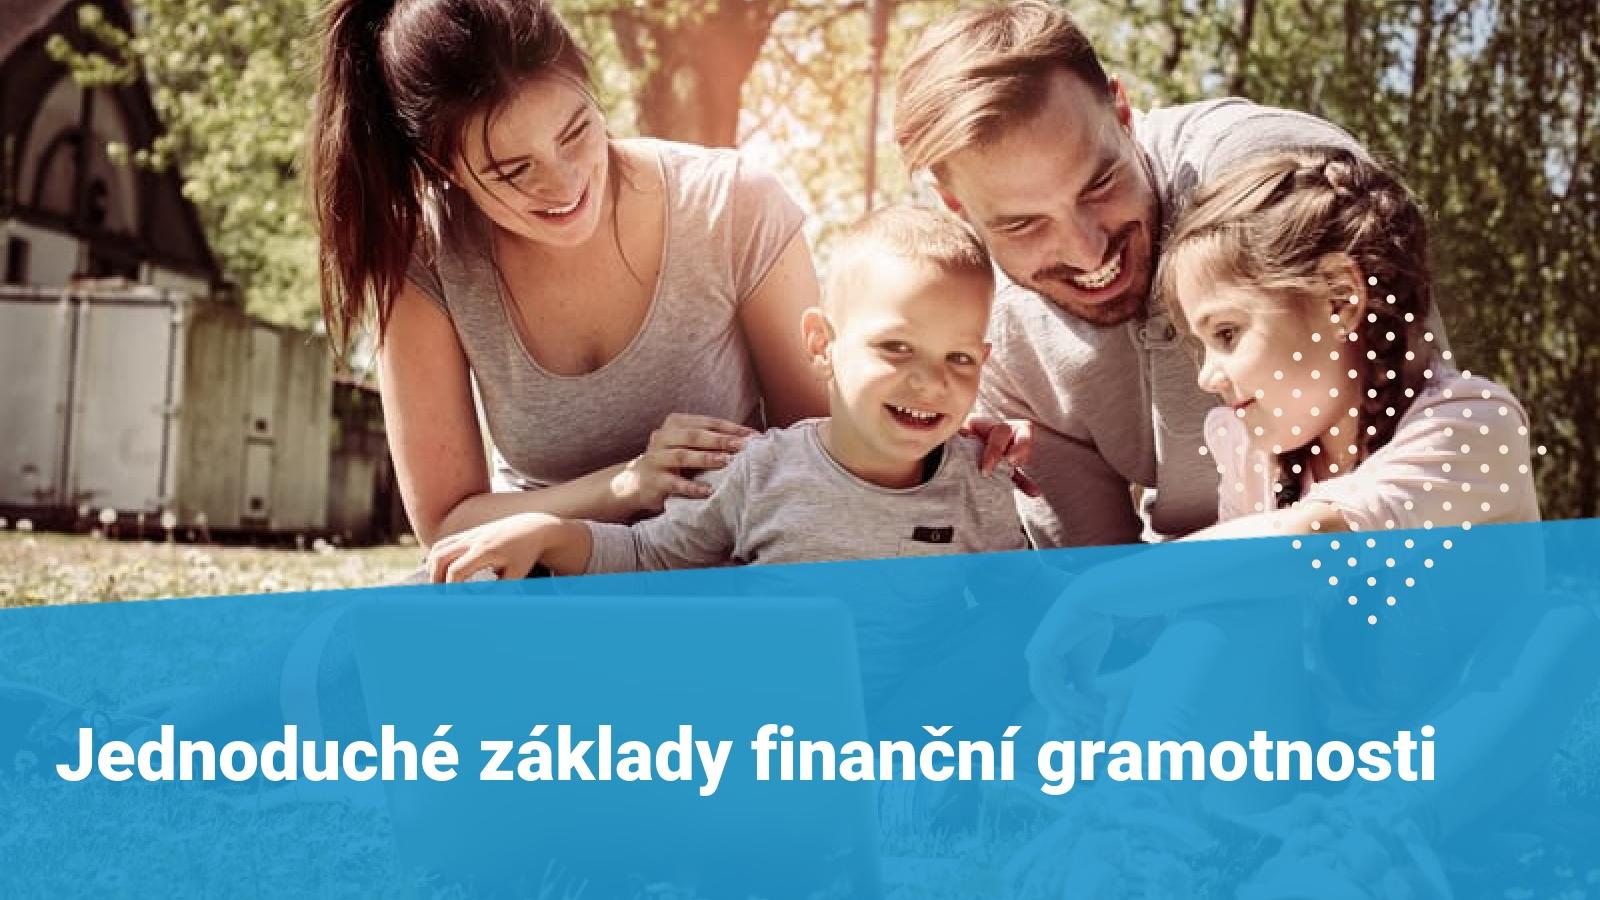 financni-gramotnost